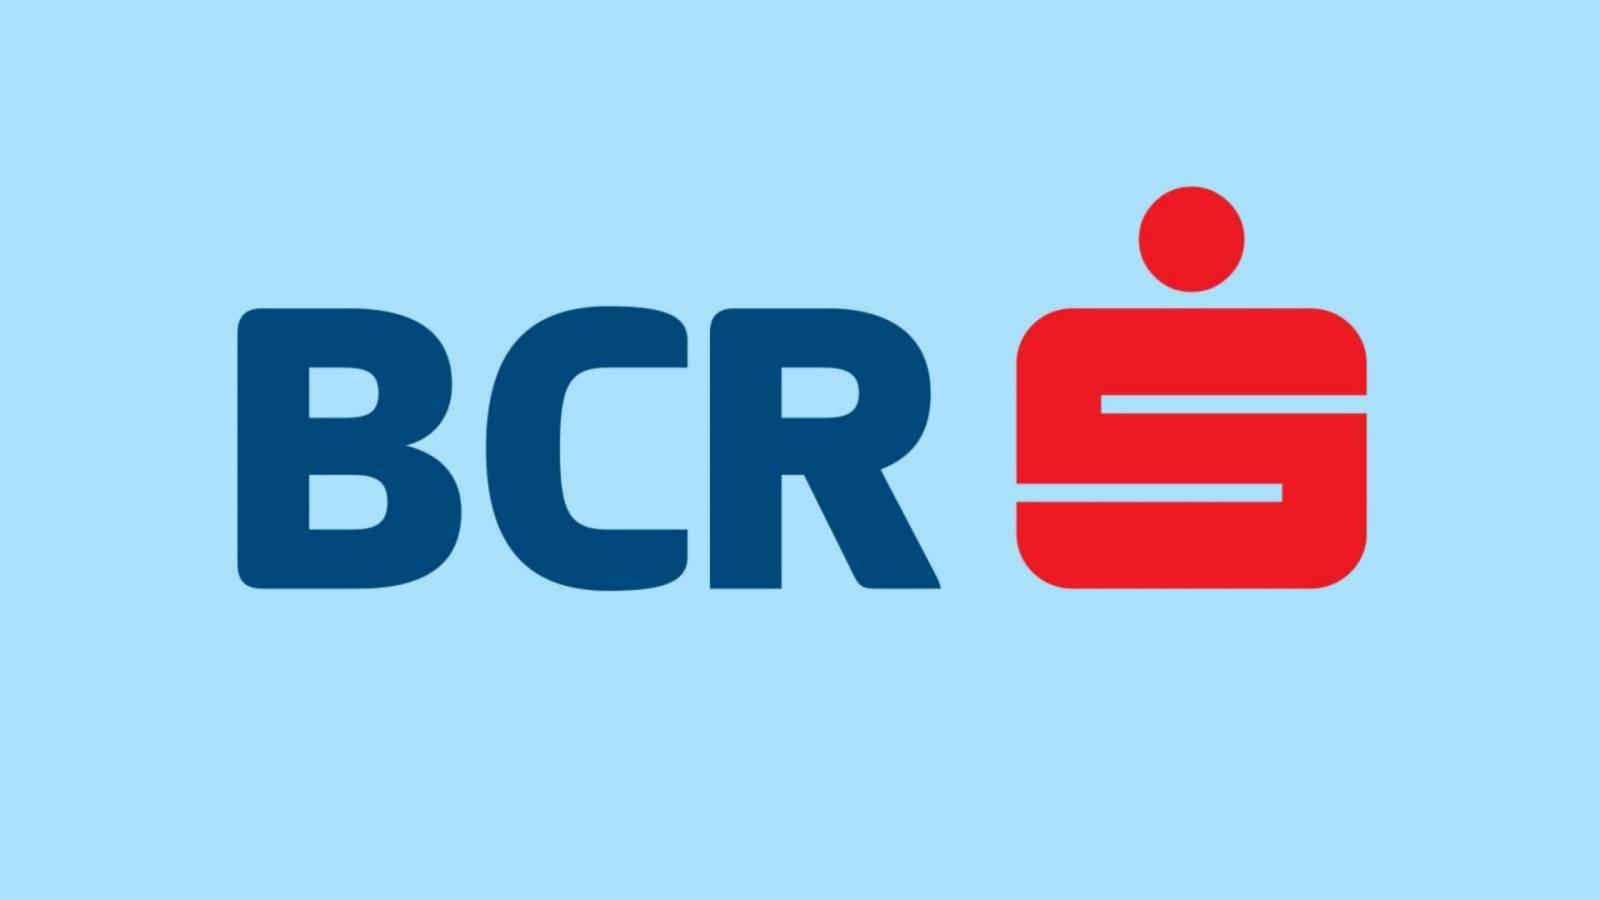 BCR Romania viitor